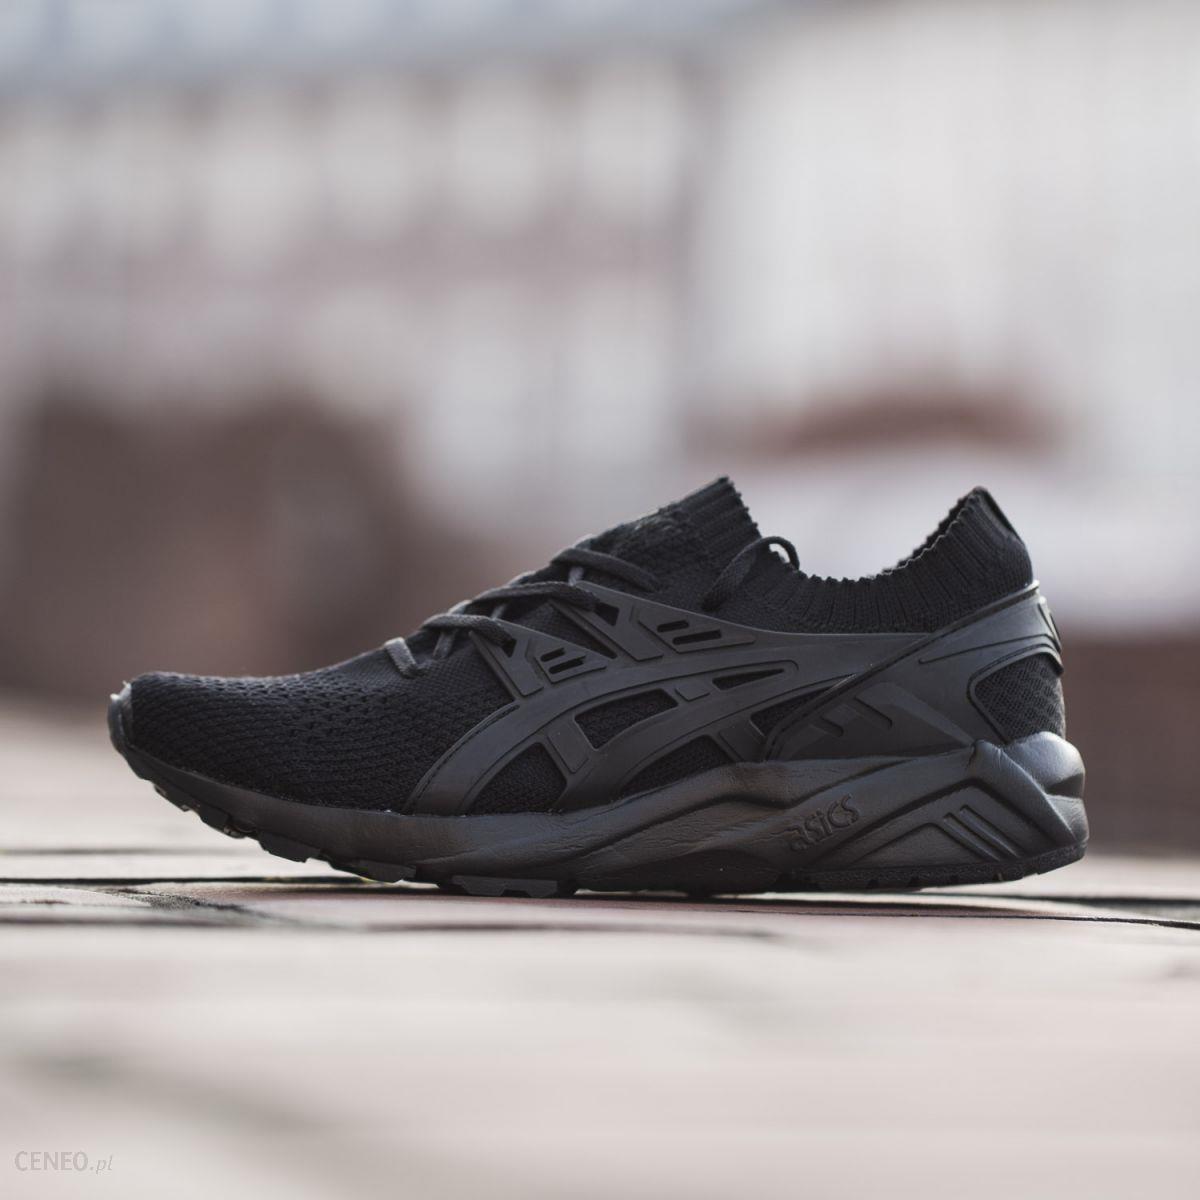 Sneakers buty Asics Gel Kayano Trainer Knit black black H705N 9090